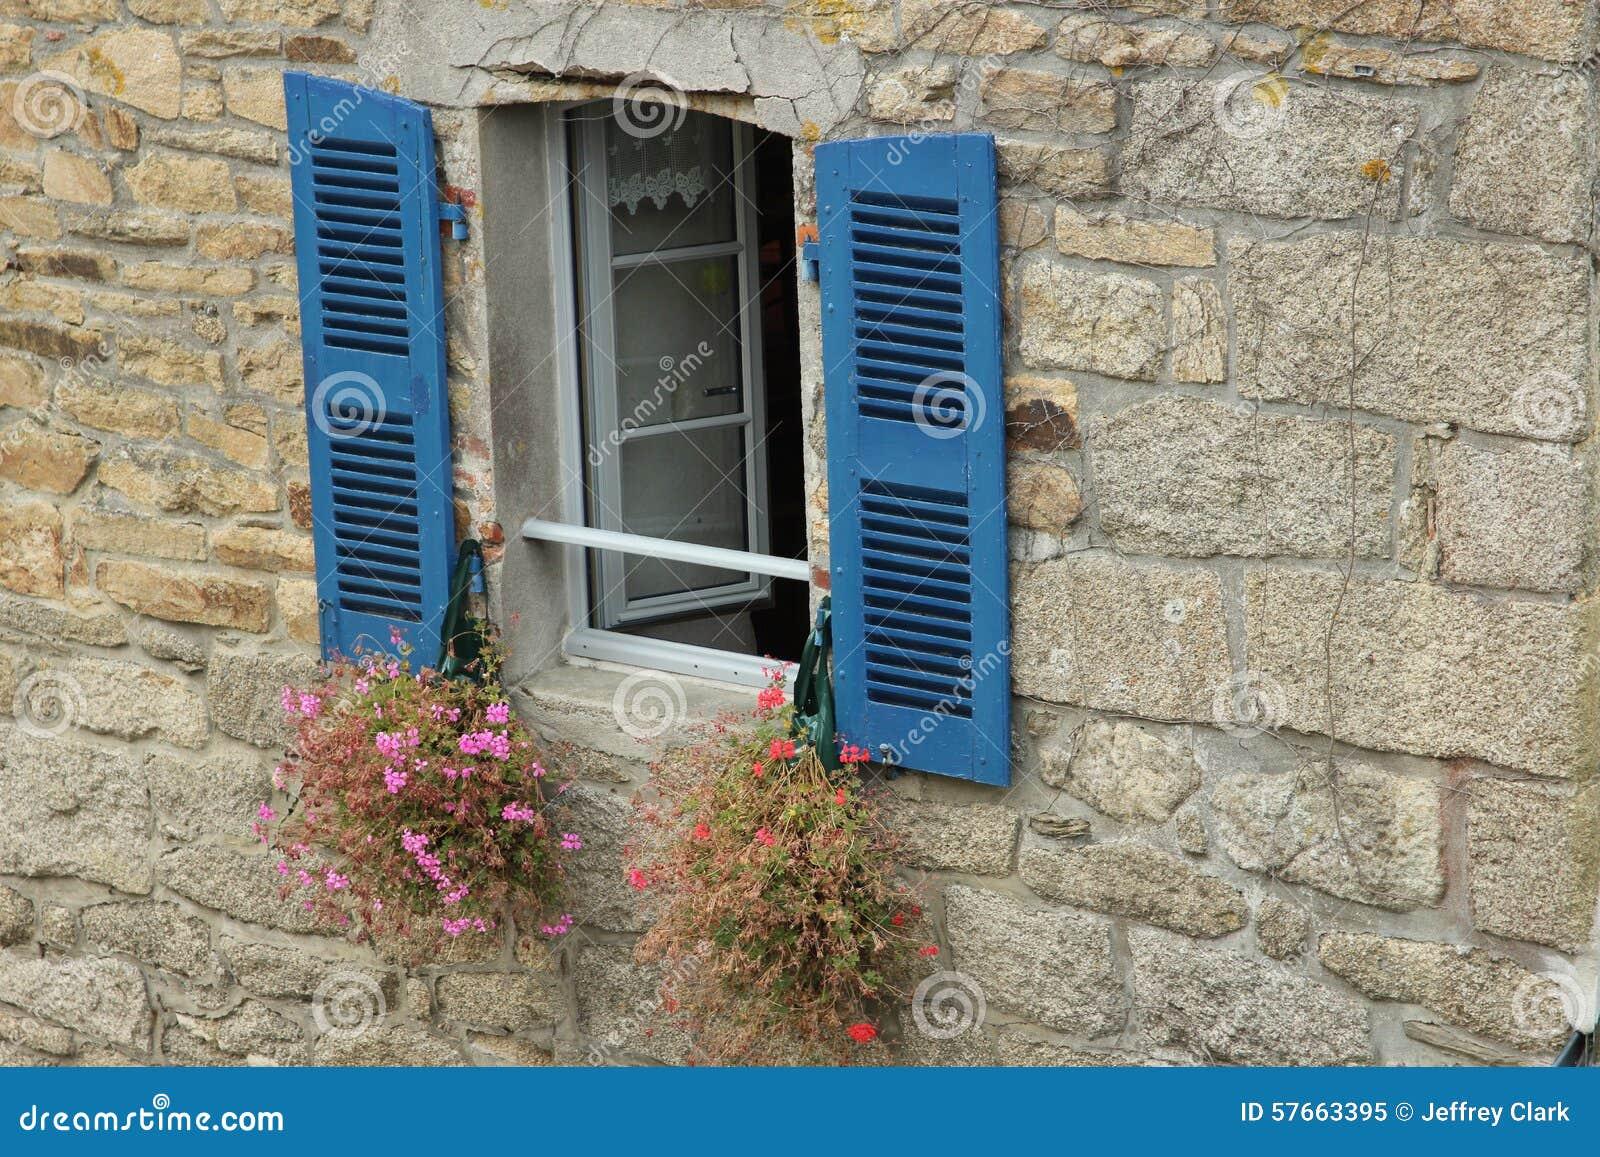 Fenster mit blauen Blendenverschlüssen